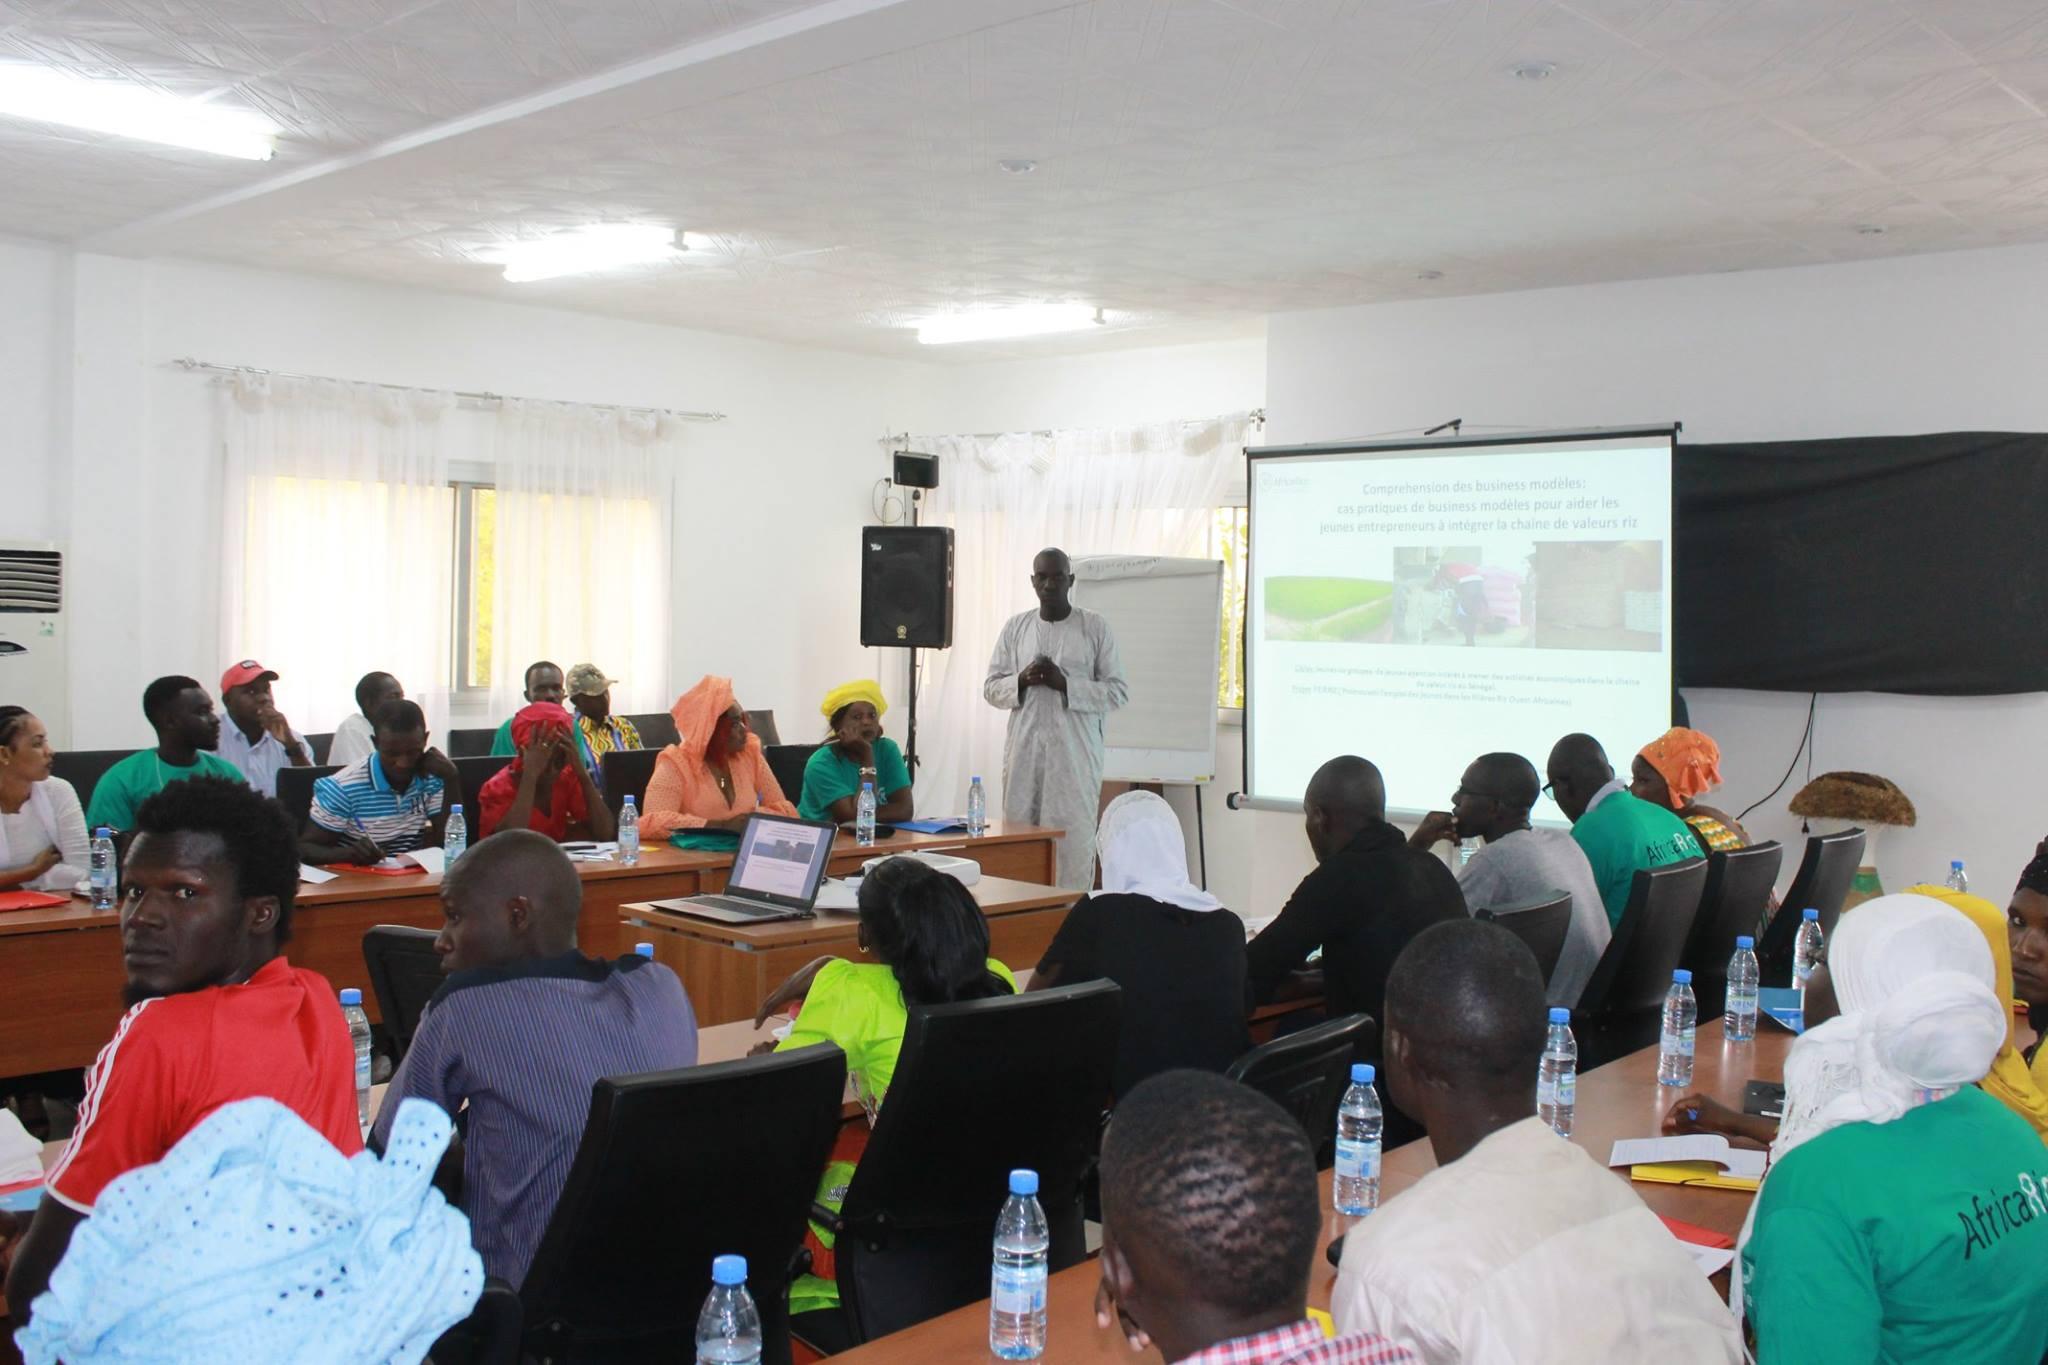 AfricaRice mobilisation workshop in July 2018, Saint-Louis, Senegal